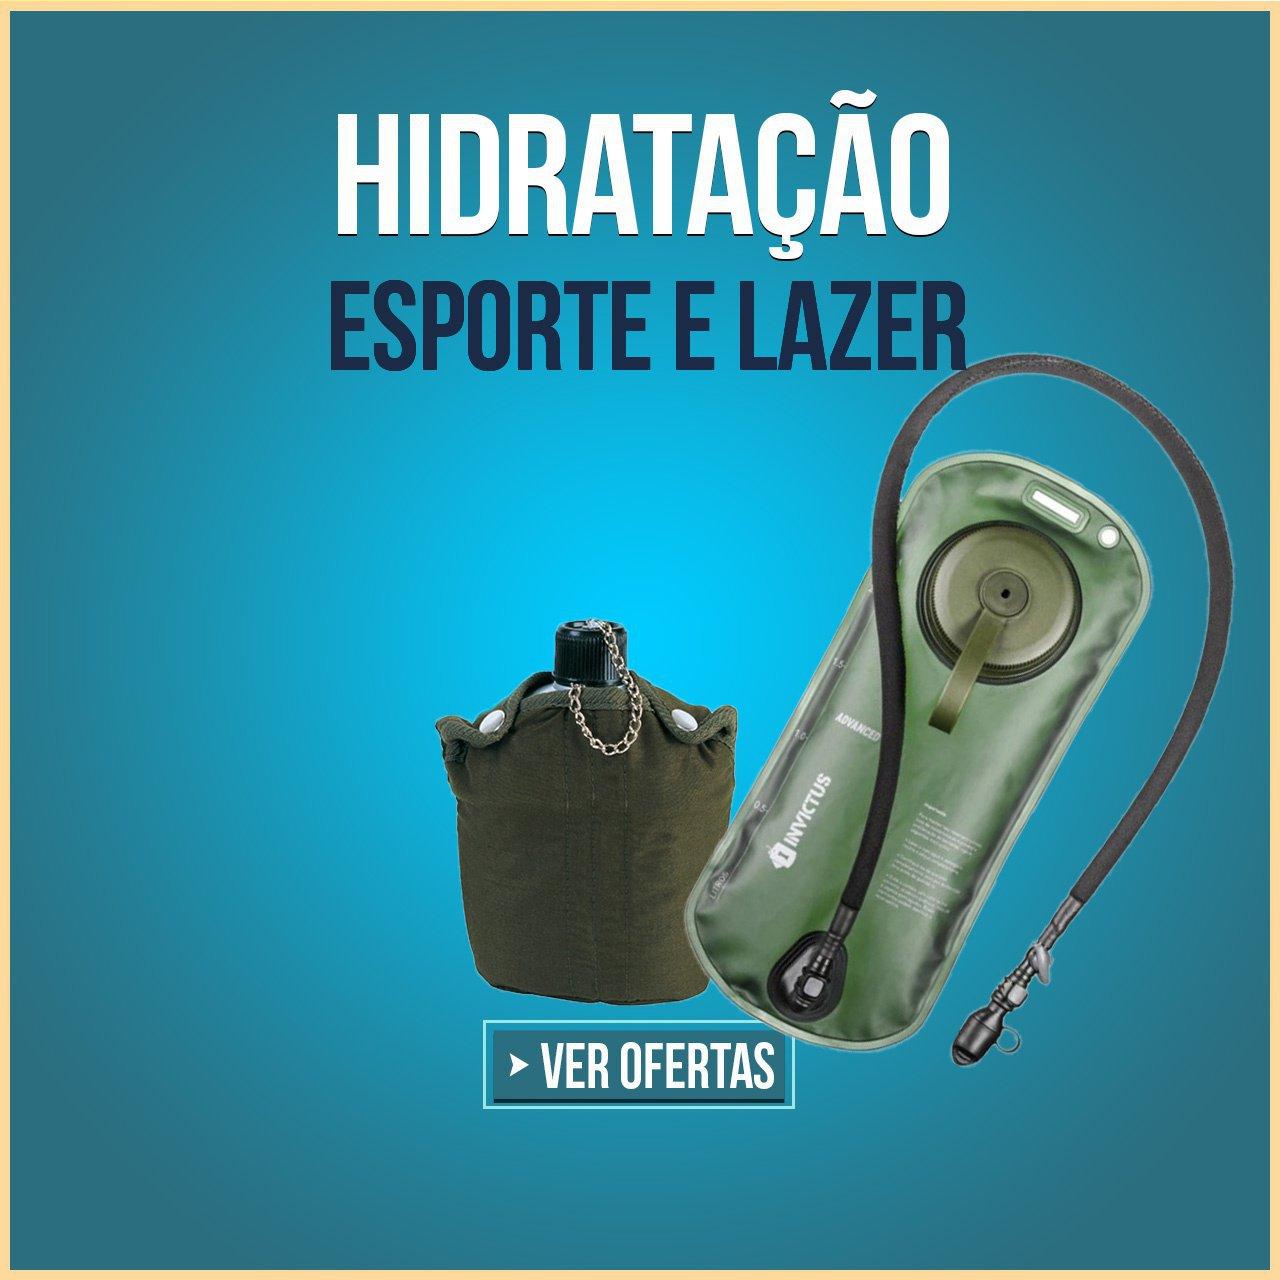 HIDRATAÇÃO - ESPORTE E LAZER